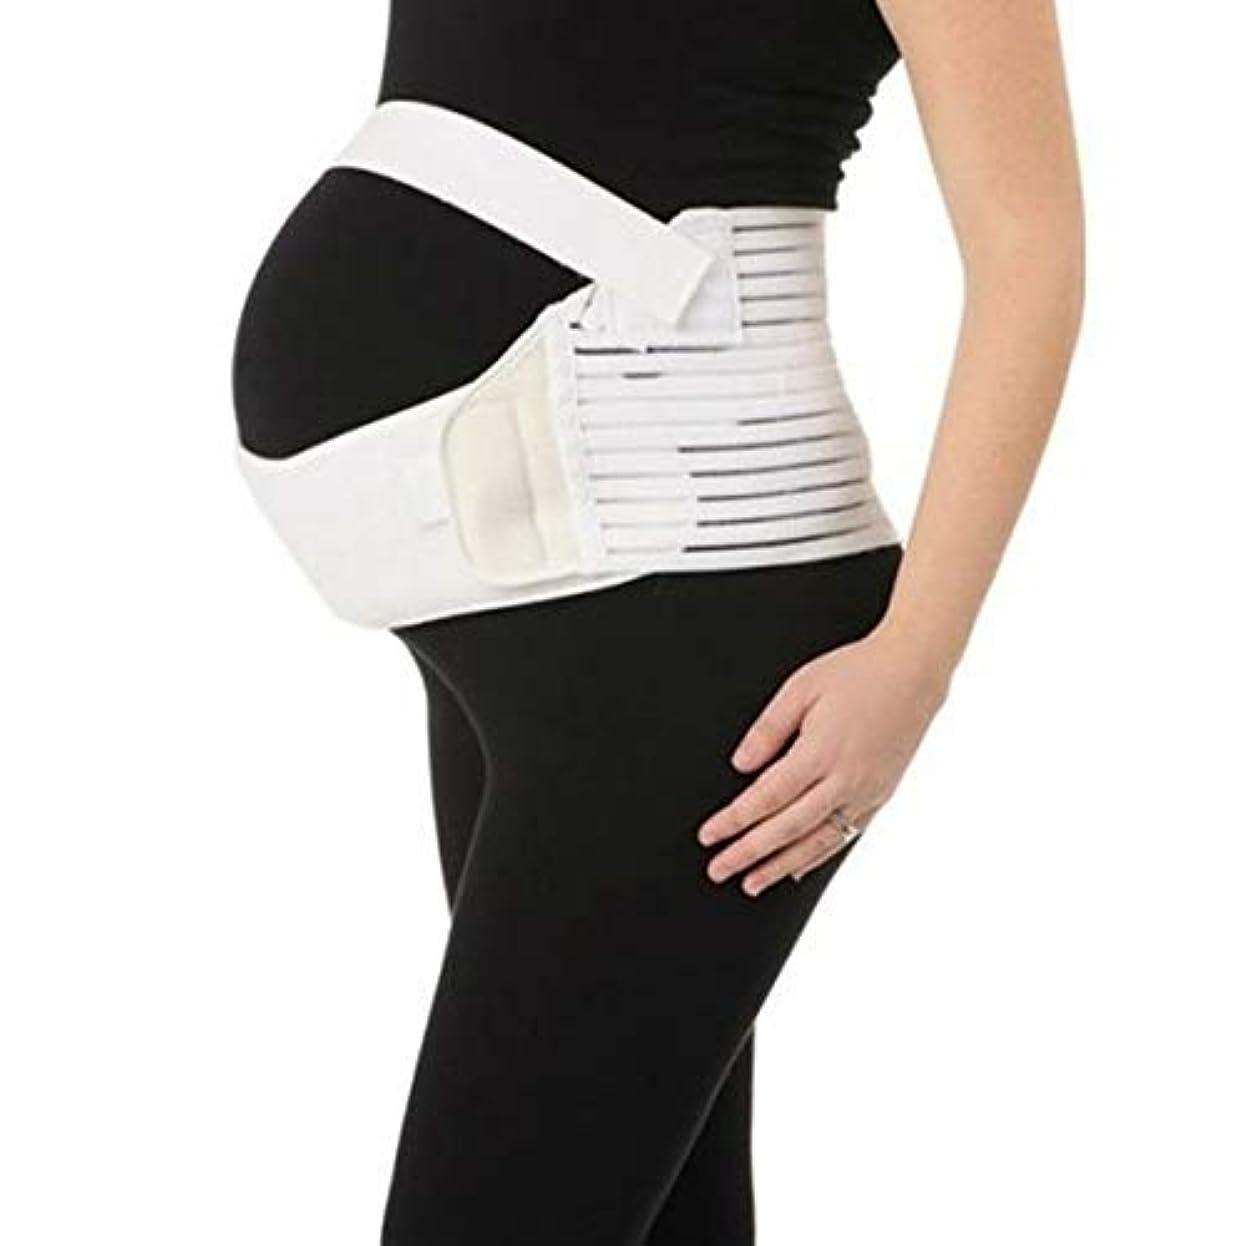 弾丸目を覚ます敵意通気性マタニティベルト妊娠腹部サポート腹部バインダーガードル運動包帯産後の回復shapewear - ホワイトL